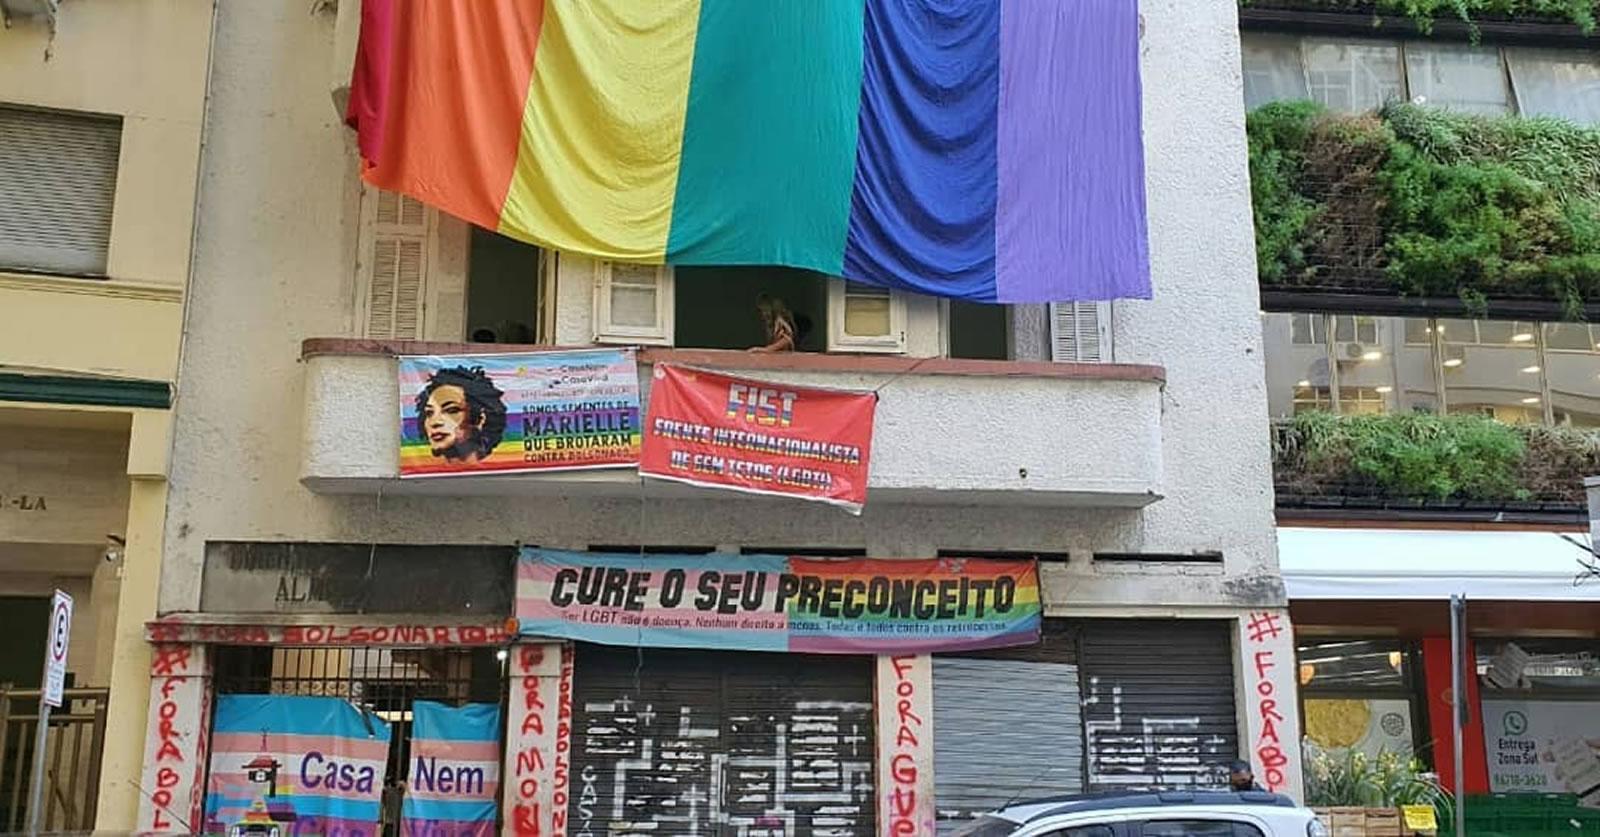 O abrigo está sob ameaça de ser despejado do prédio que ocupa em Copacabana, na zona sul do Rio de Janeiro. (Foto: Reprodução/Instagram)